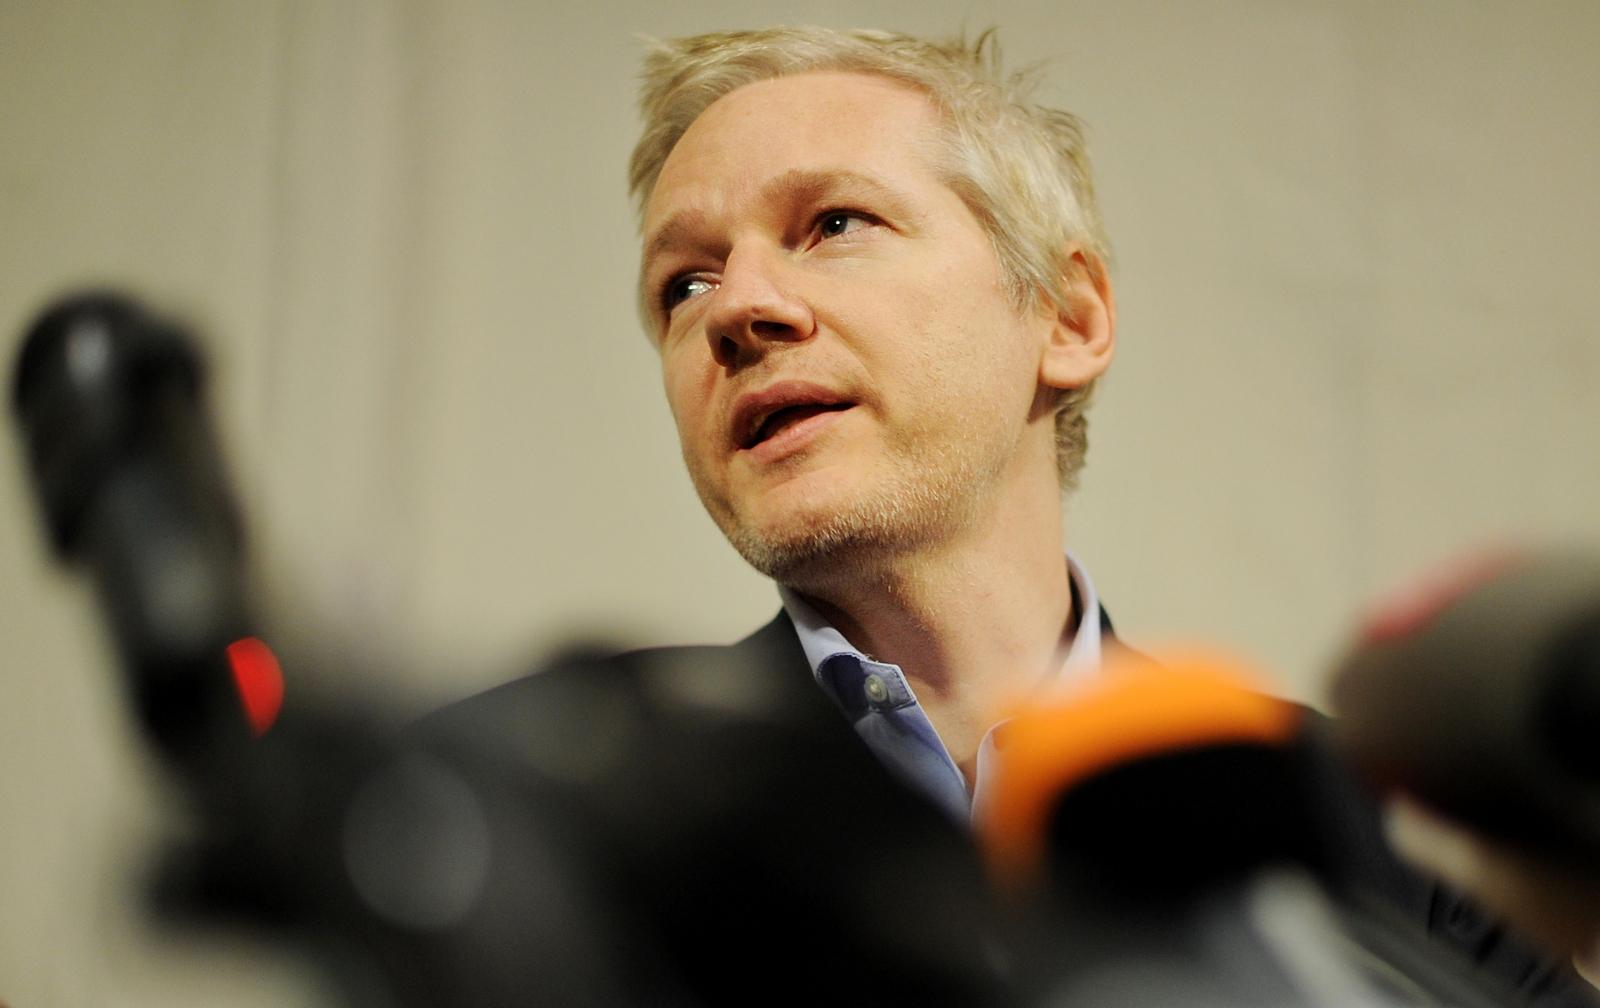 WikiLeaks founder Julian Assange speaks